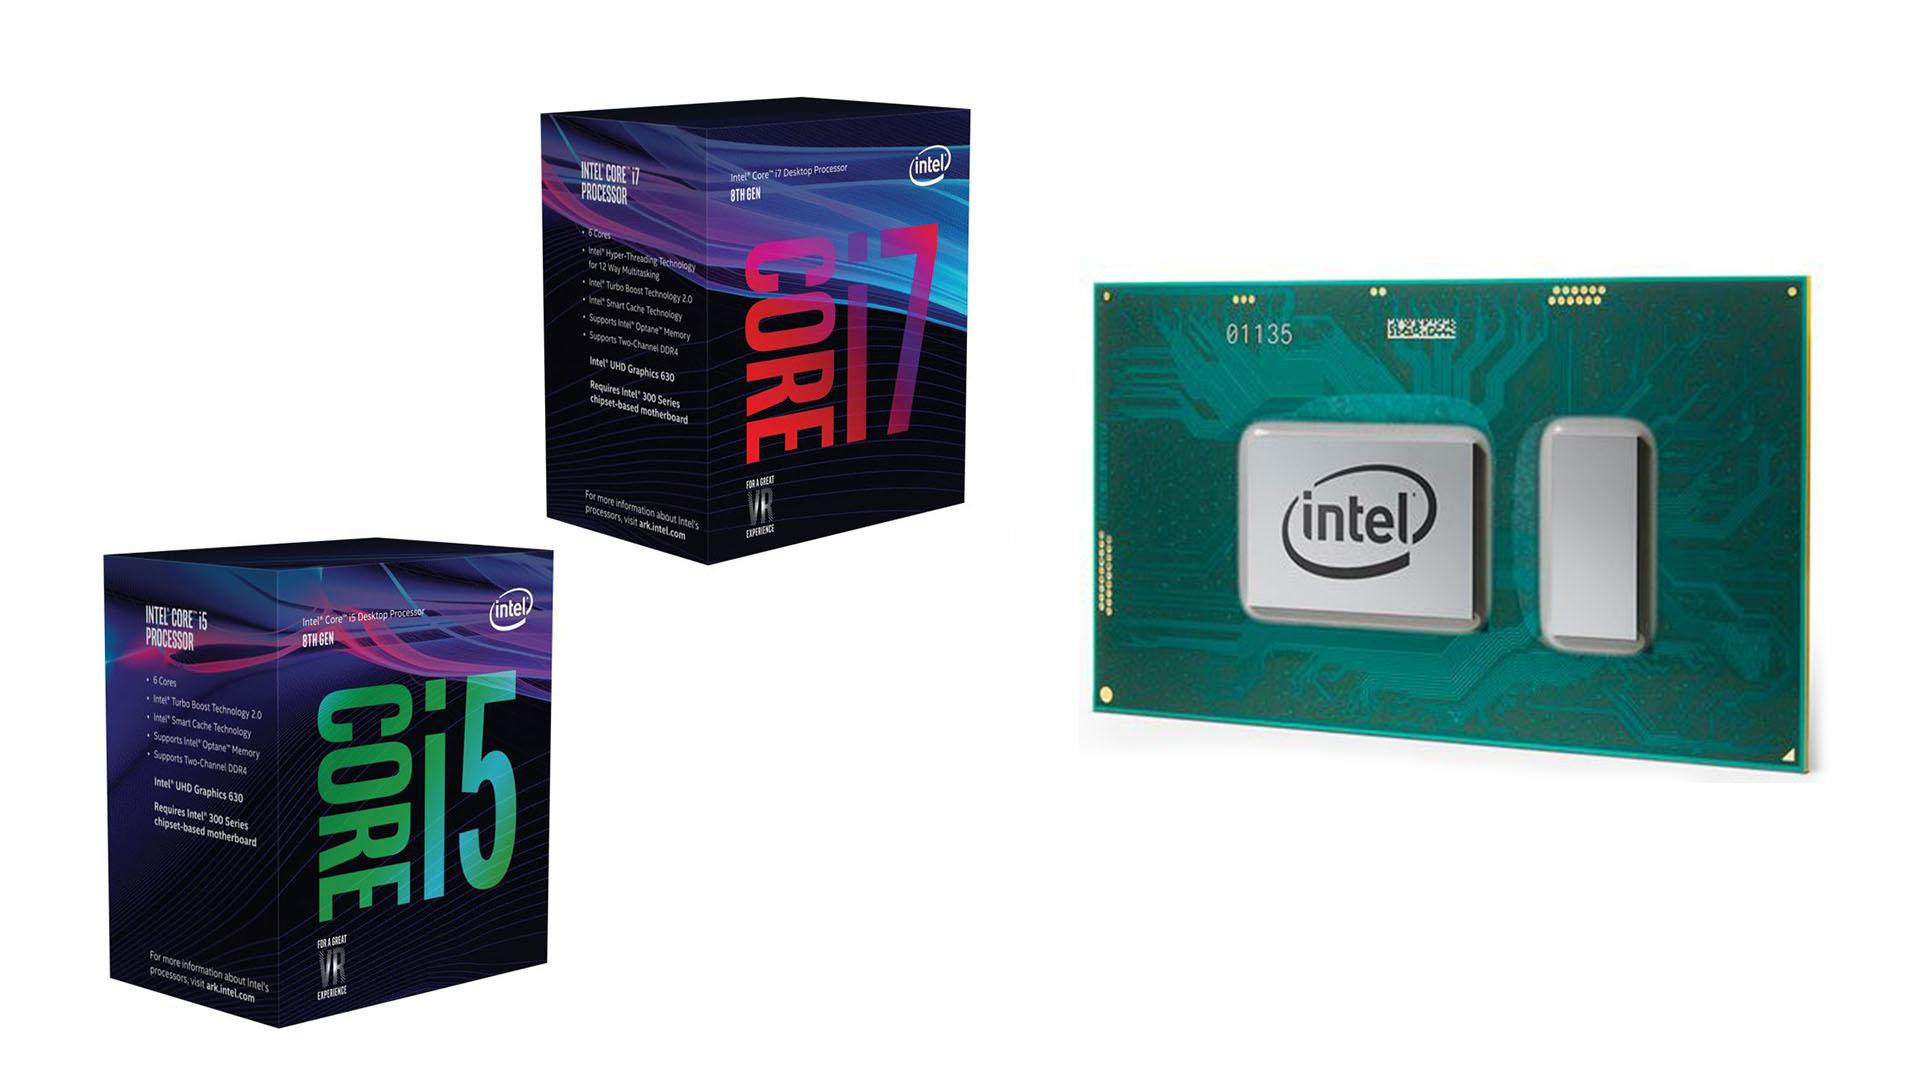 Intel เปิดตัว Kaby Lake Gen 8 กินไฟ 15W และยังกล่าวถึง 14nm